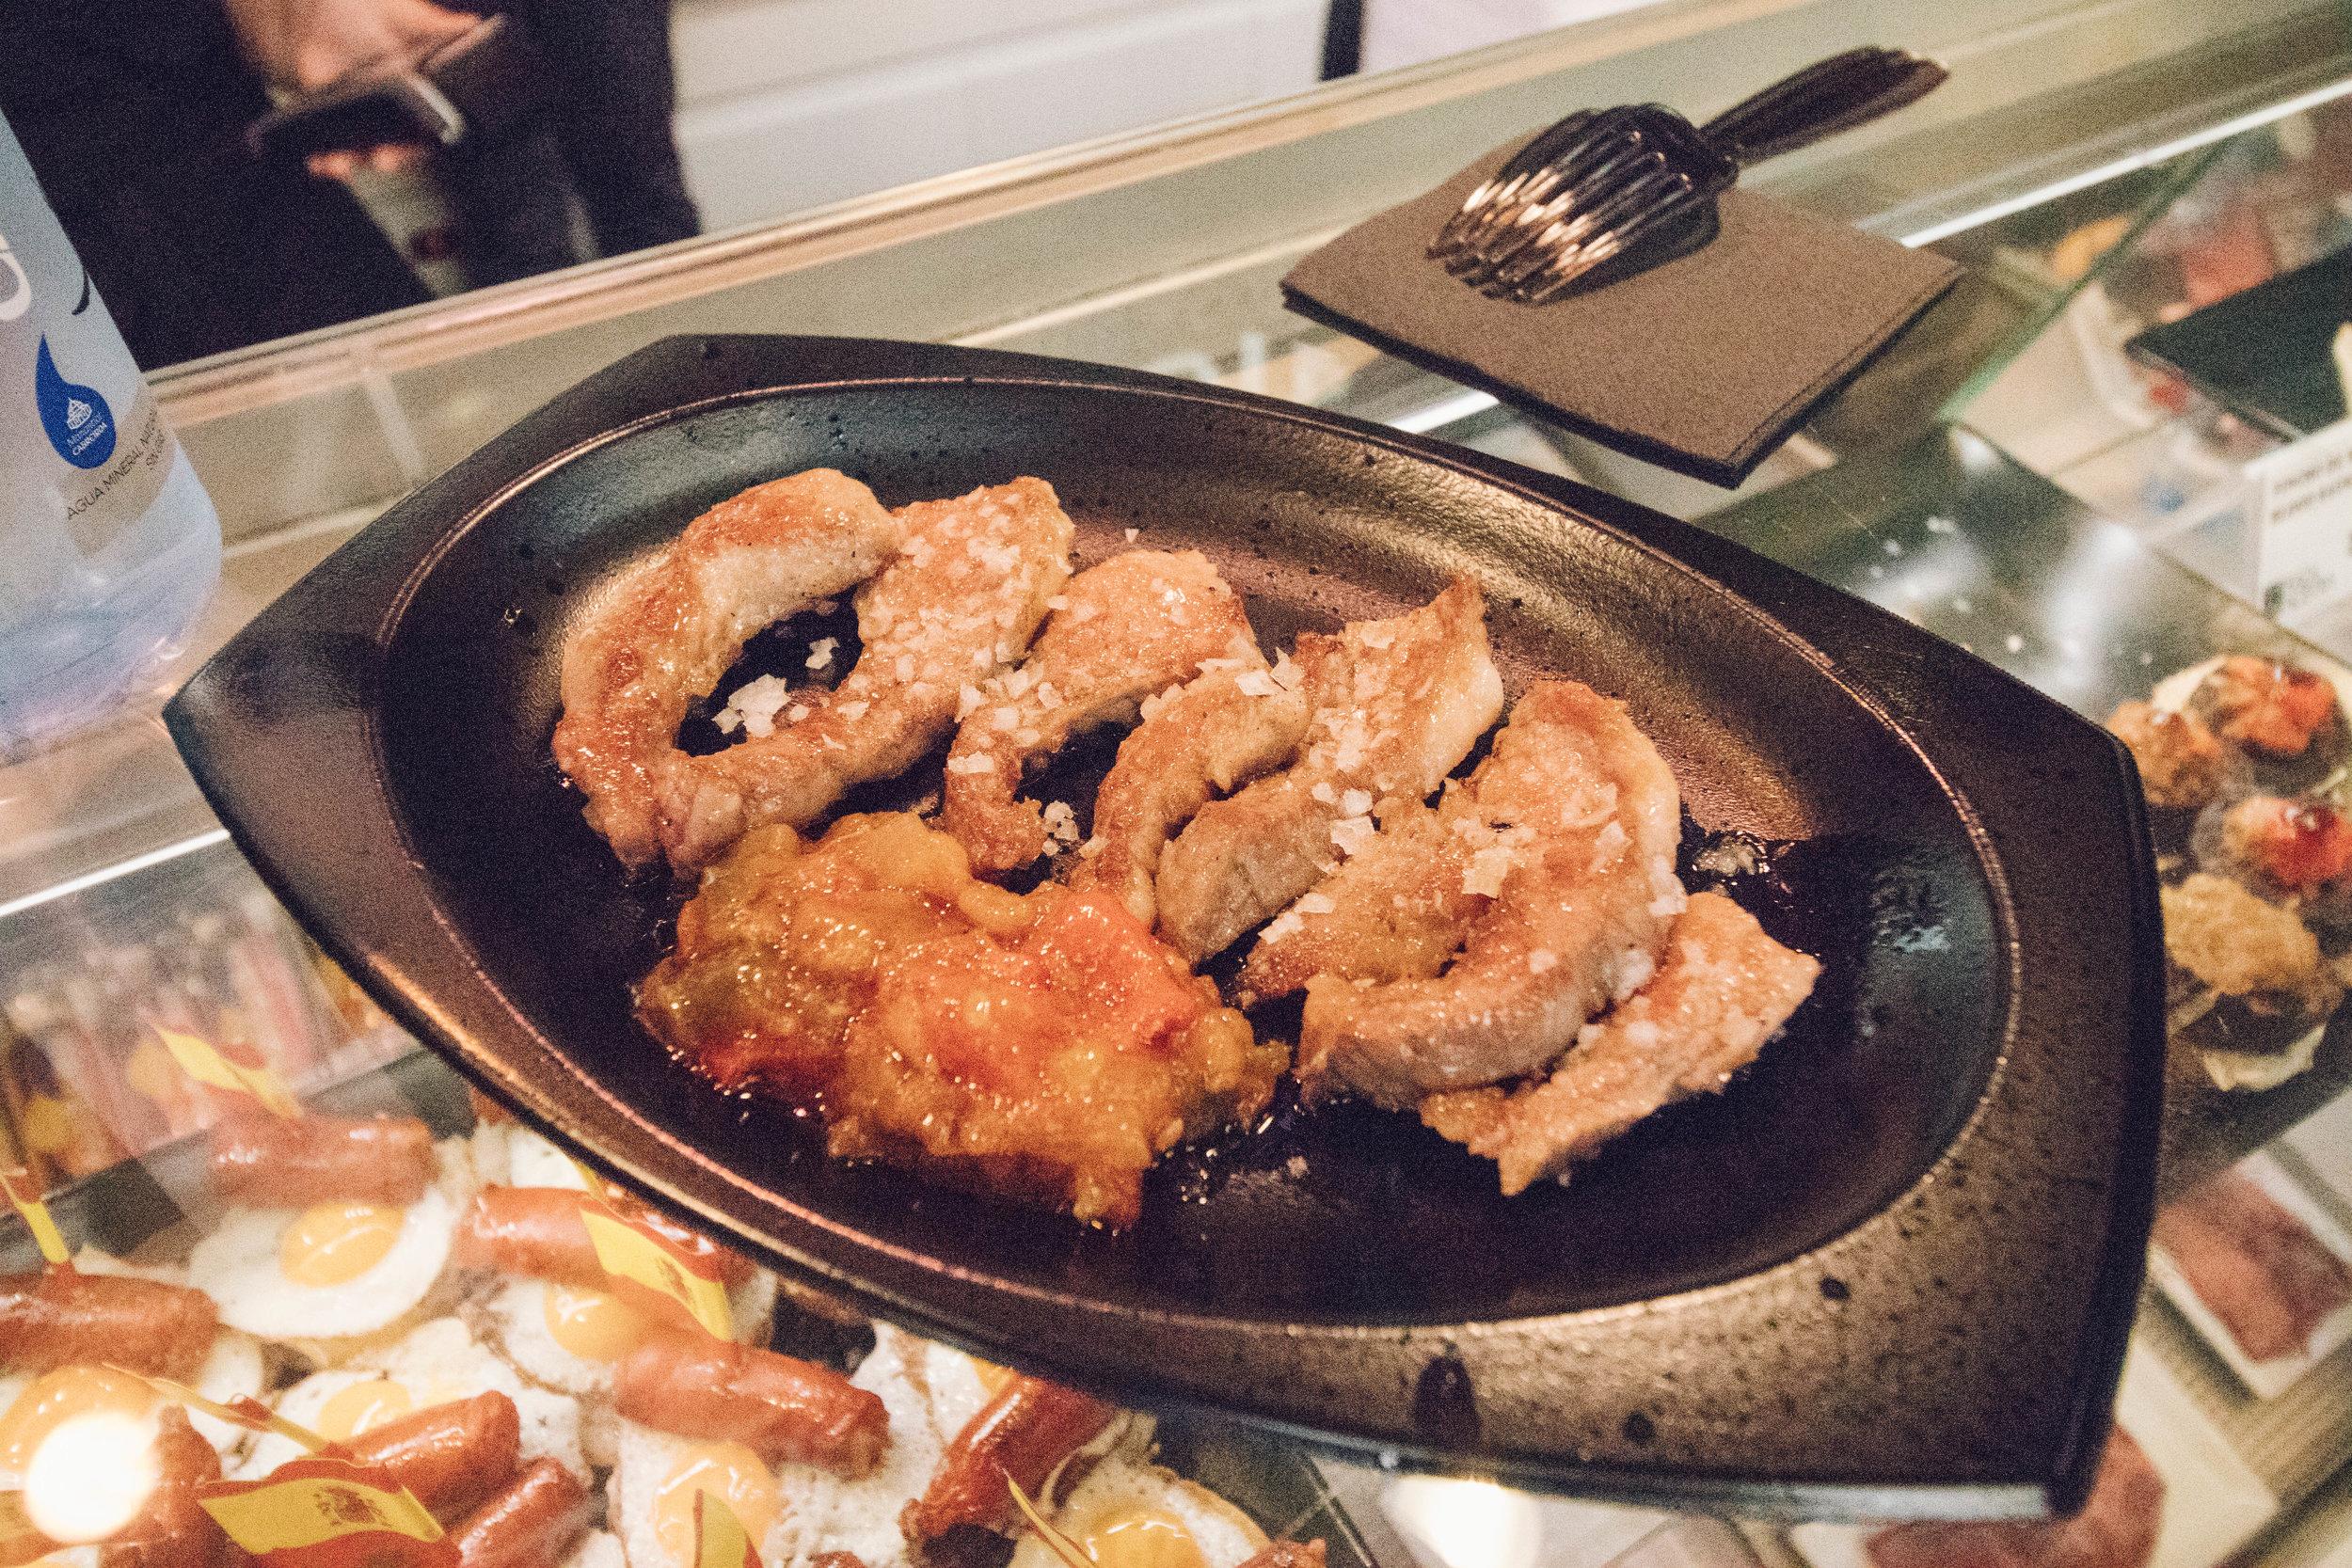 Copy of Spare Pork at Mercado San Miguel